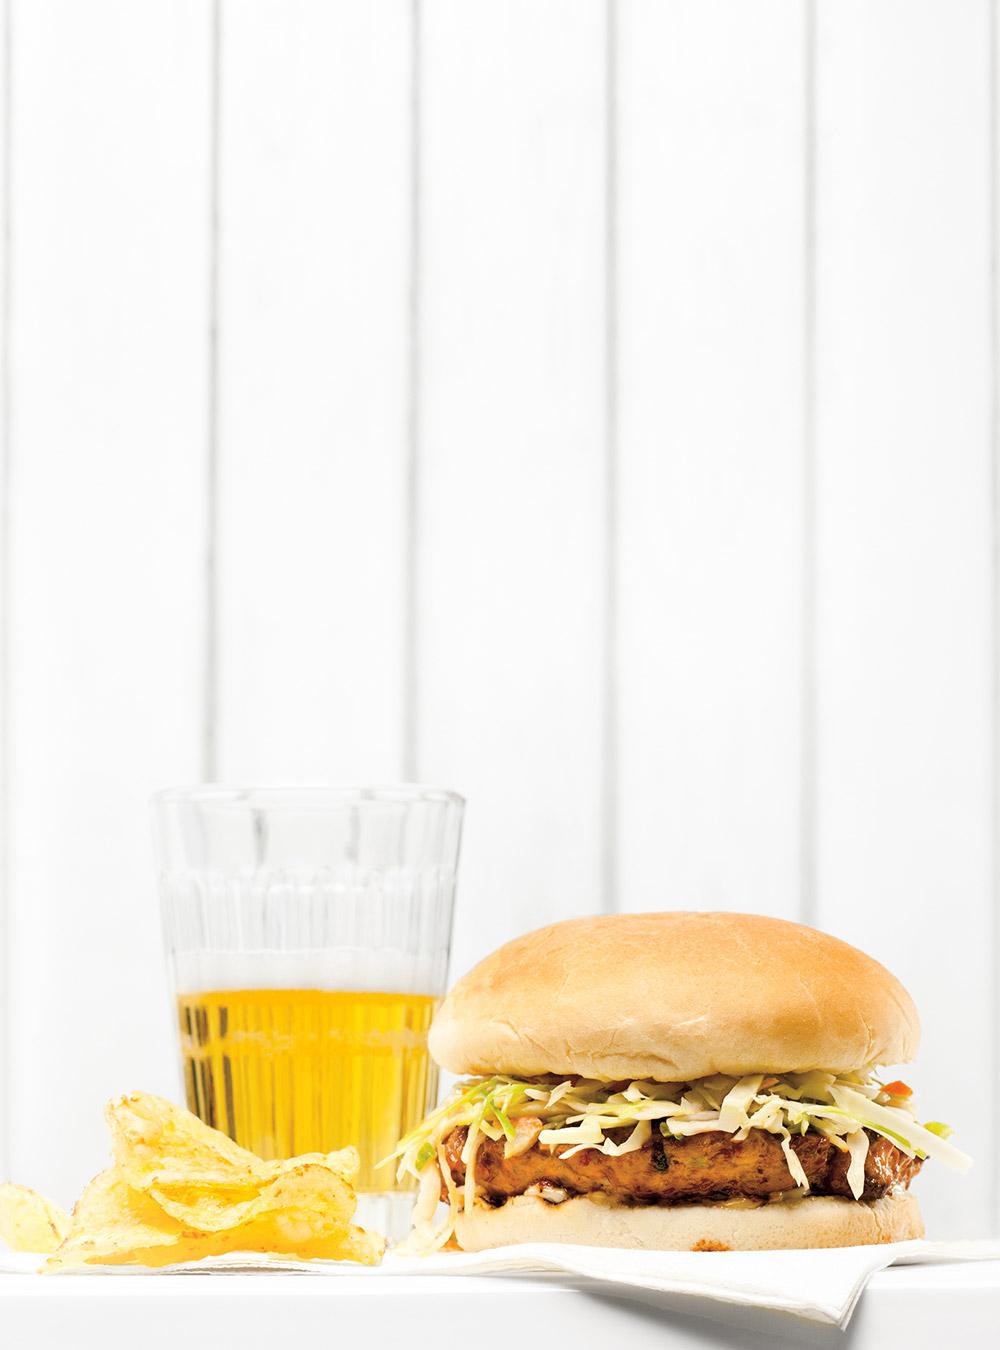 Burgers de porc barbecue et salade de chou | ricardo